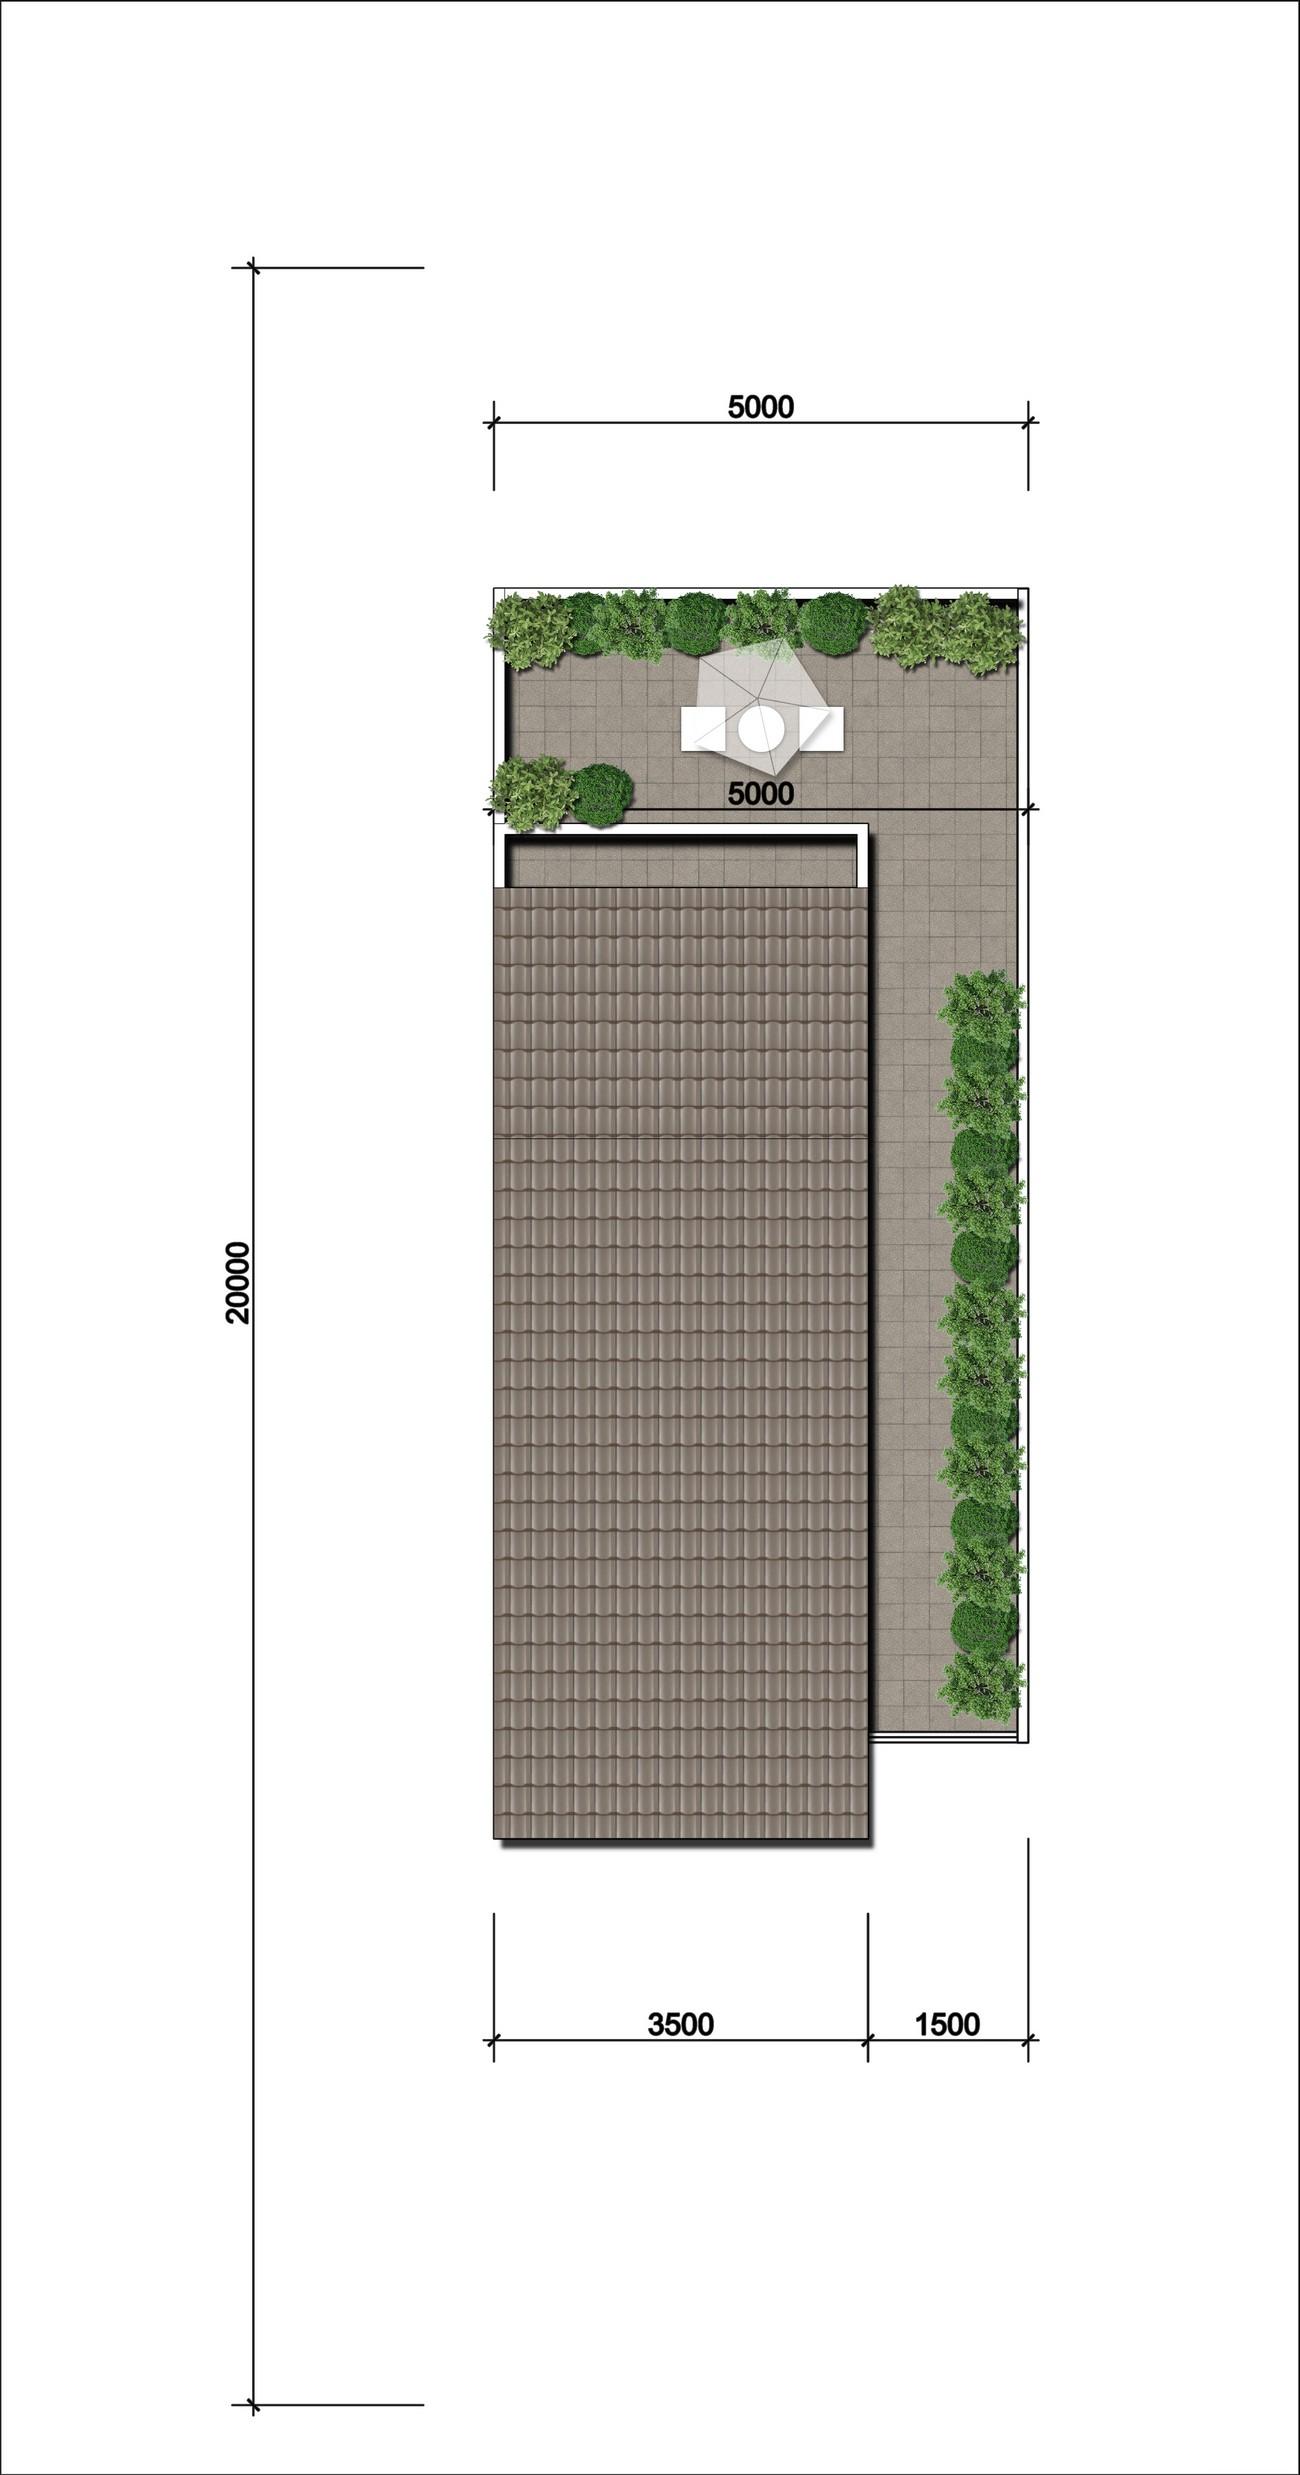 Thiết kế nhà liên kế 1 mái Gem Sky World Đất Xanh Đường Quốc Lộ 51 Long Thành